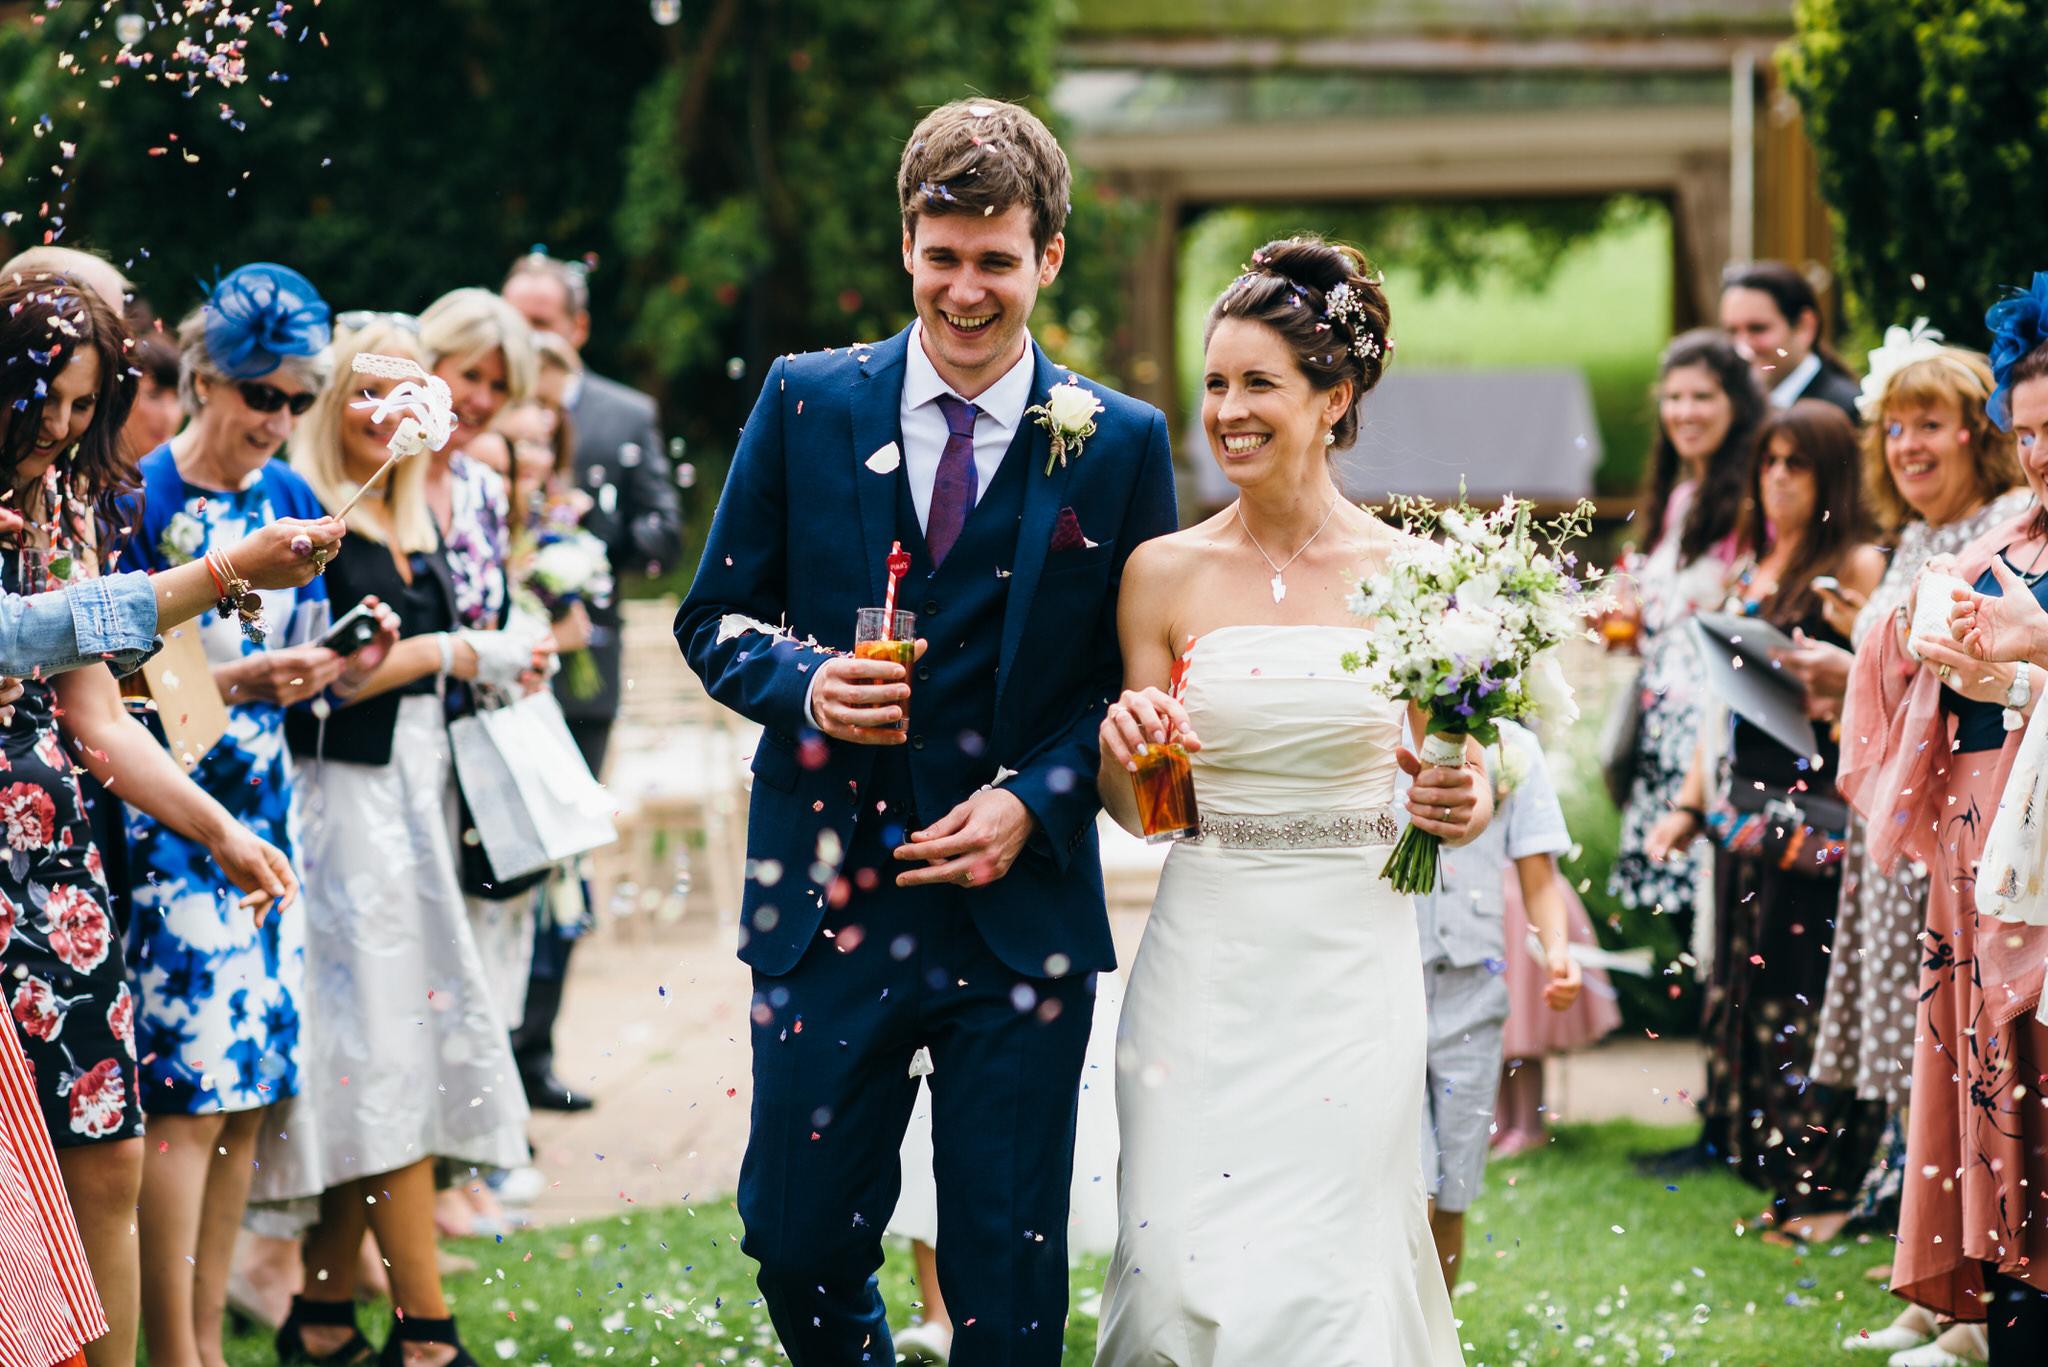 Huntstile organic farm wedding confetti